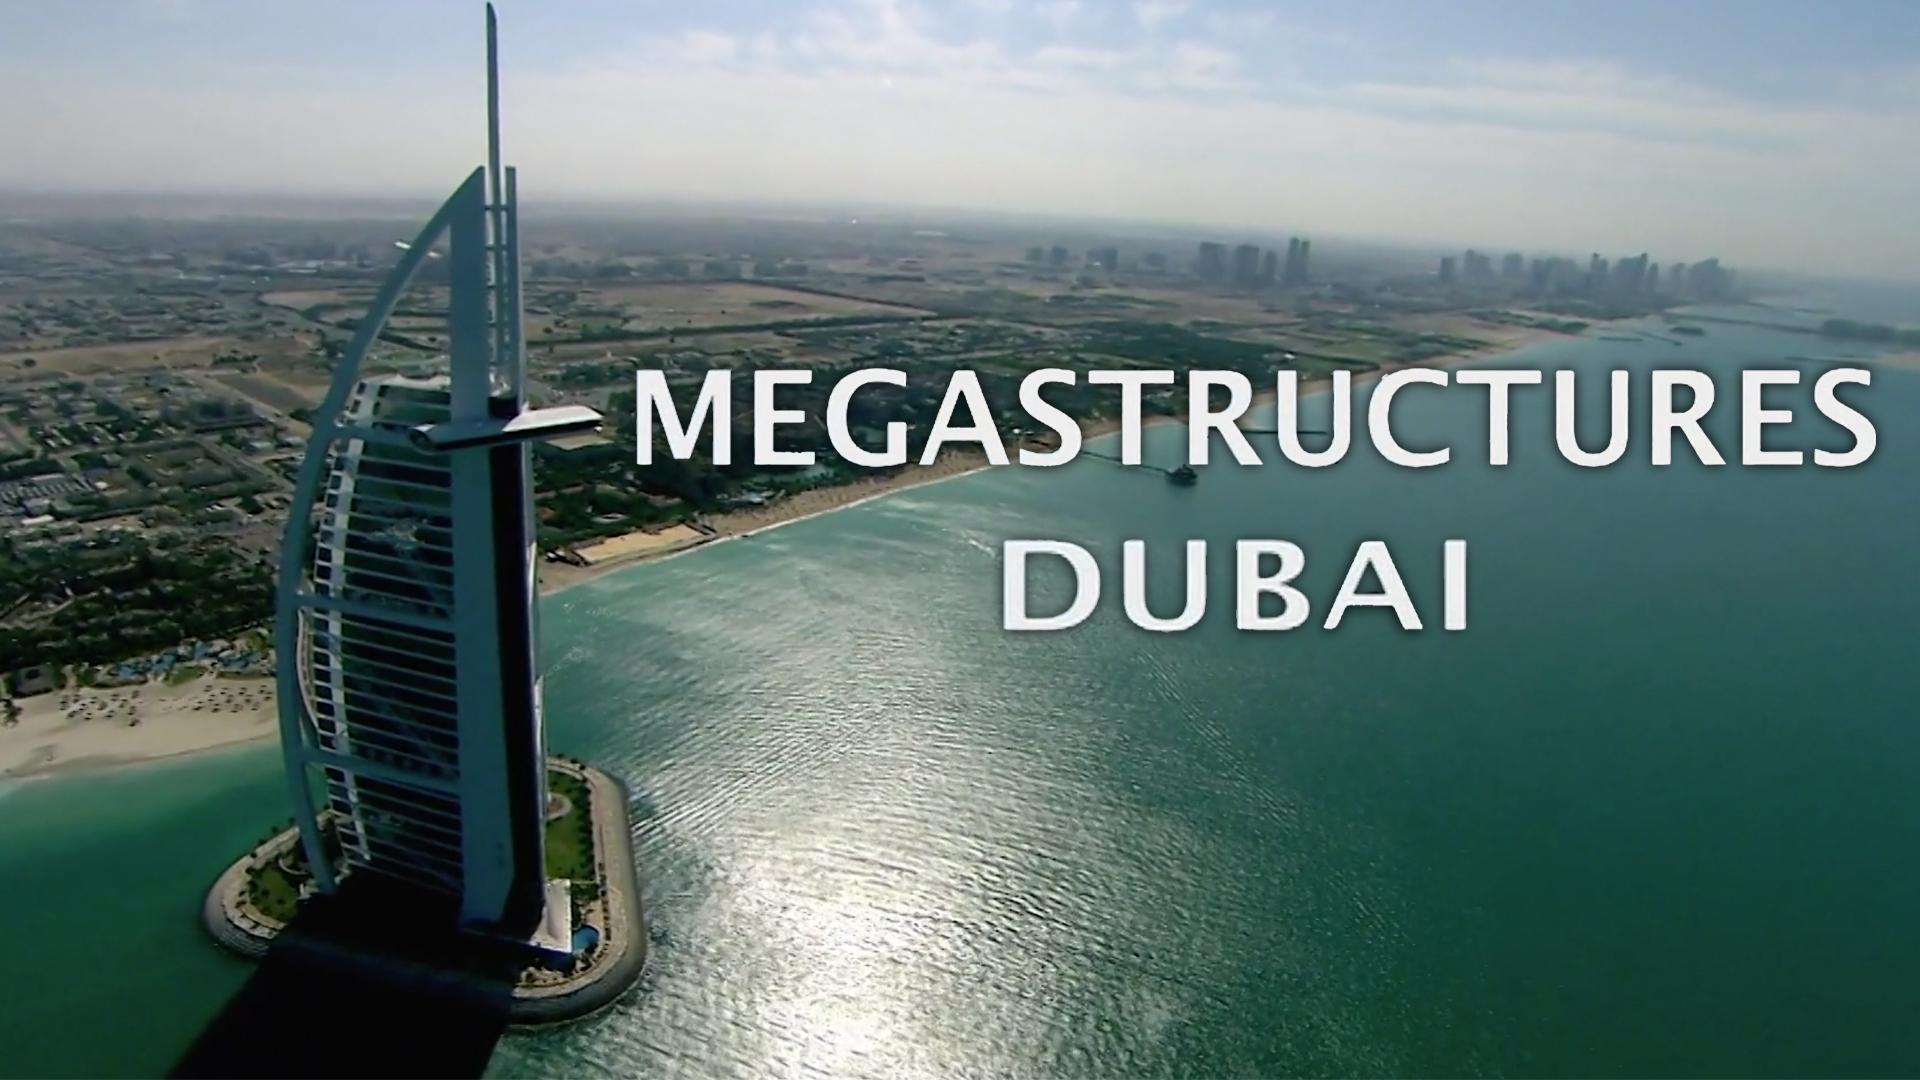 Megastructures Dubai